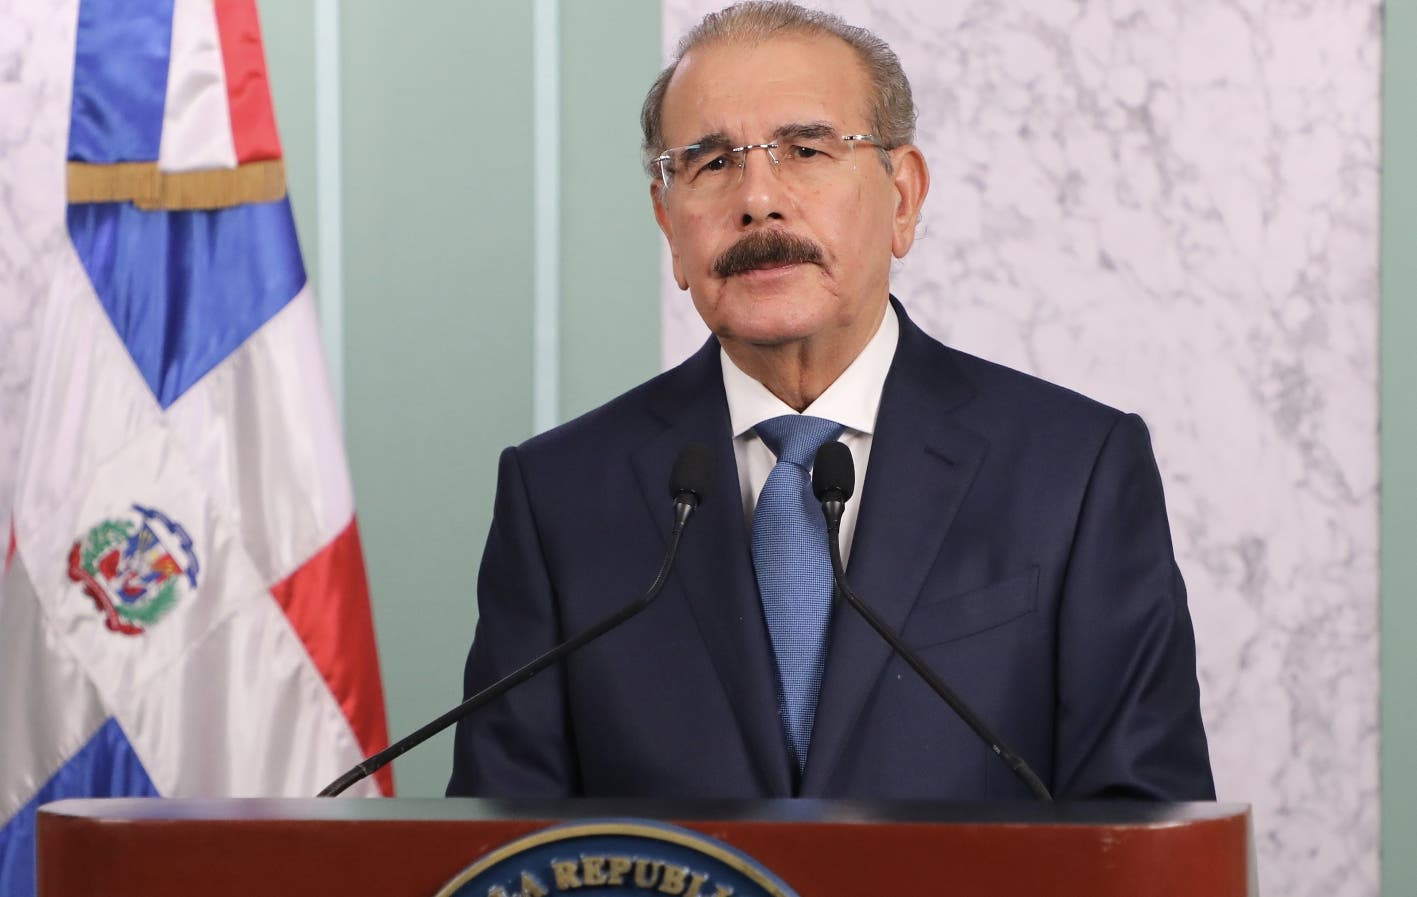 Presidente Medina responderá a presiones sobre abrir economía en alocución de mañana